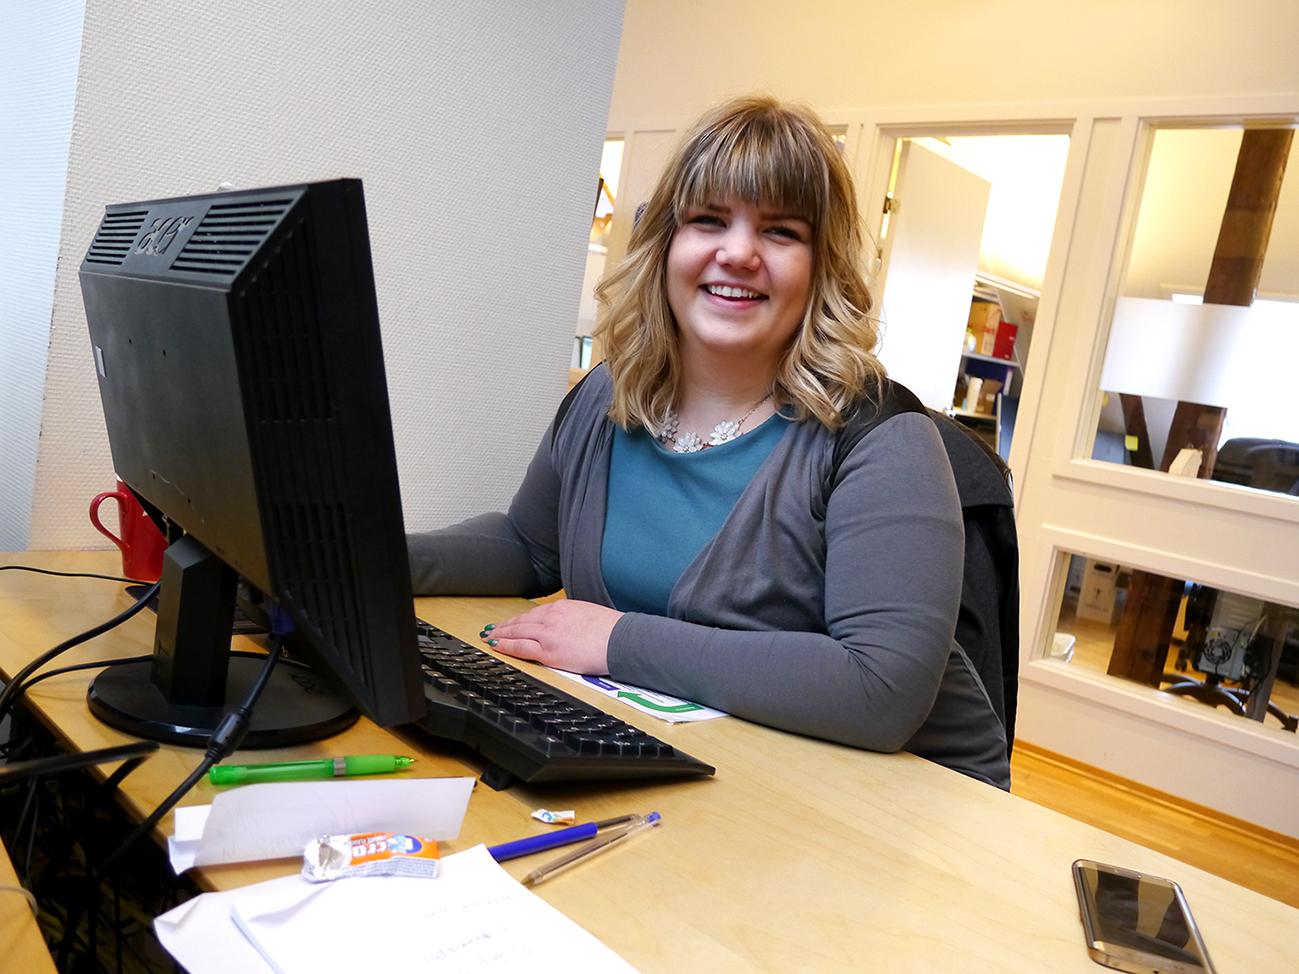 Salg er et fag. Marthe Kroknes har jobbet i virksomheten i snart to og et halvt år. Tekst og foto: Jan-Are Hansen.